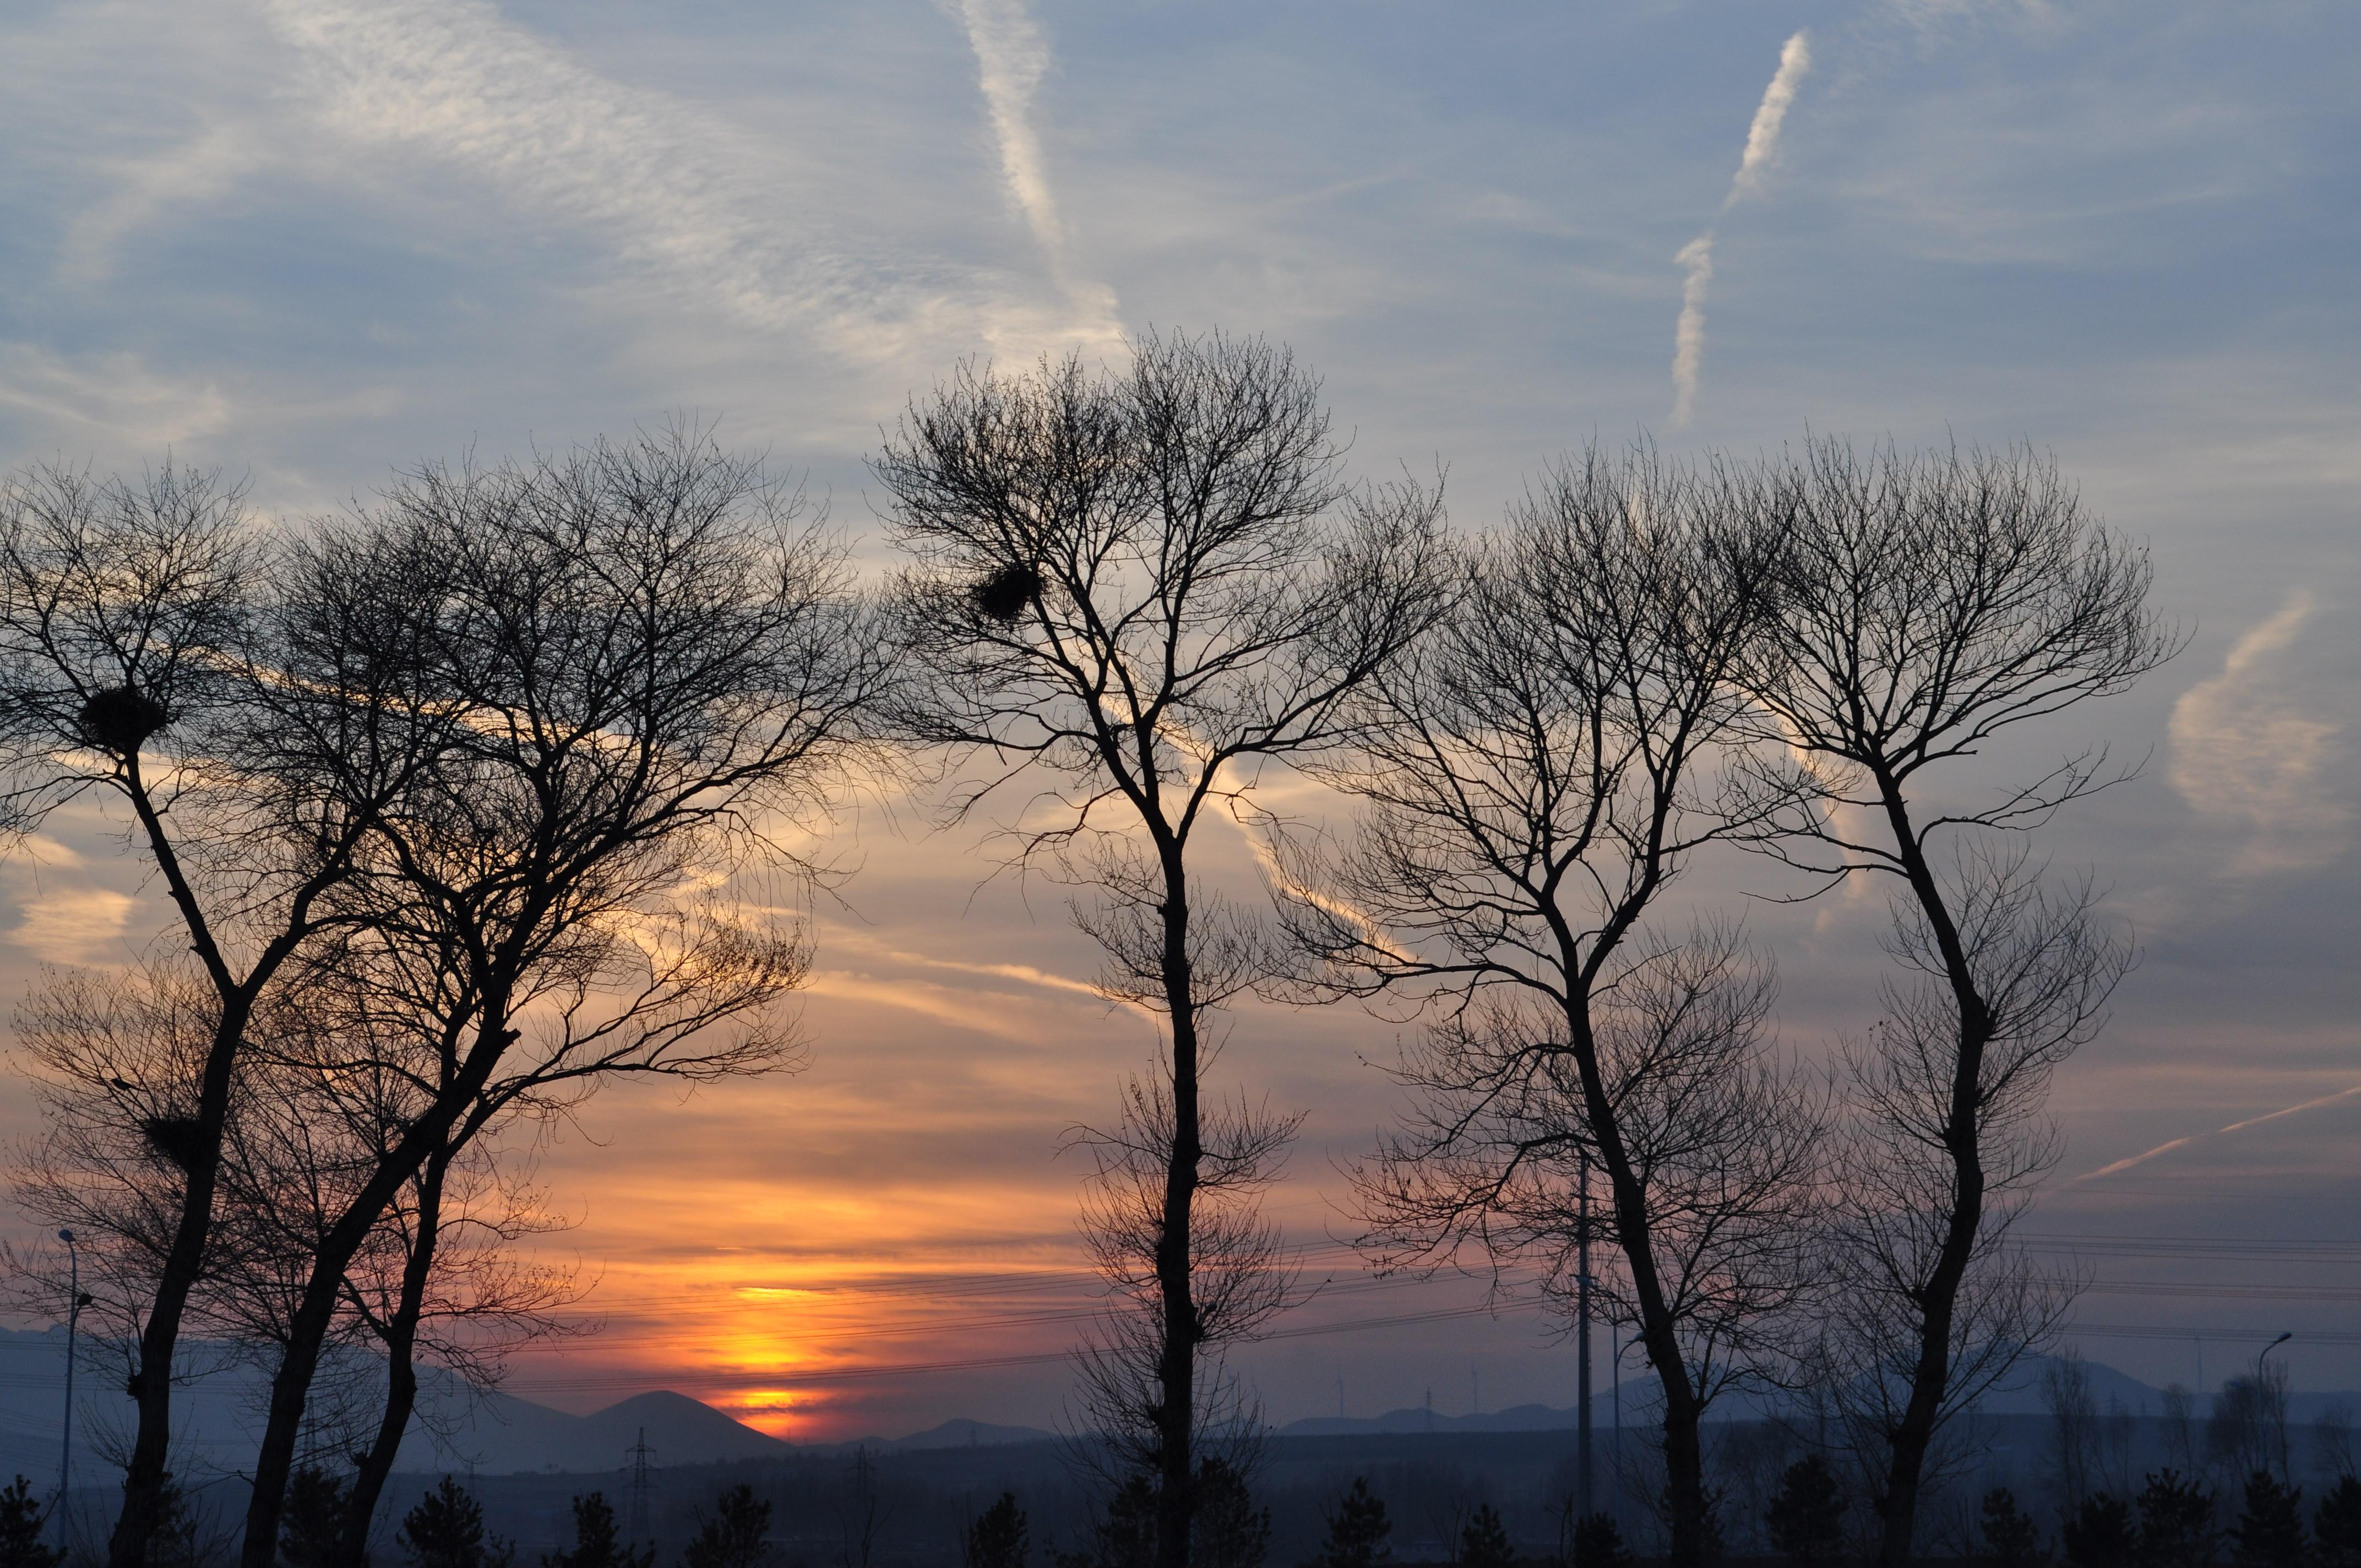 这几棵老树似乎对夕阳恋恋不舍